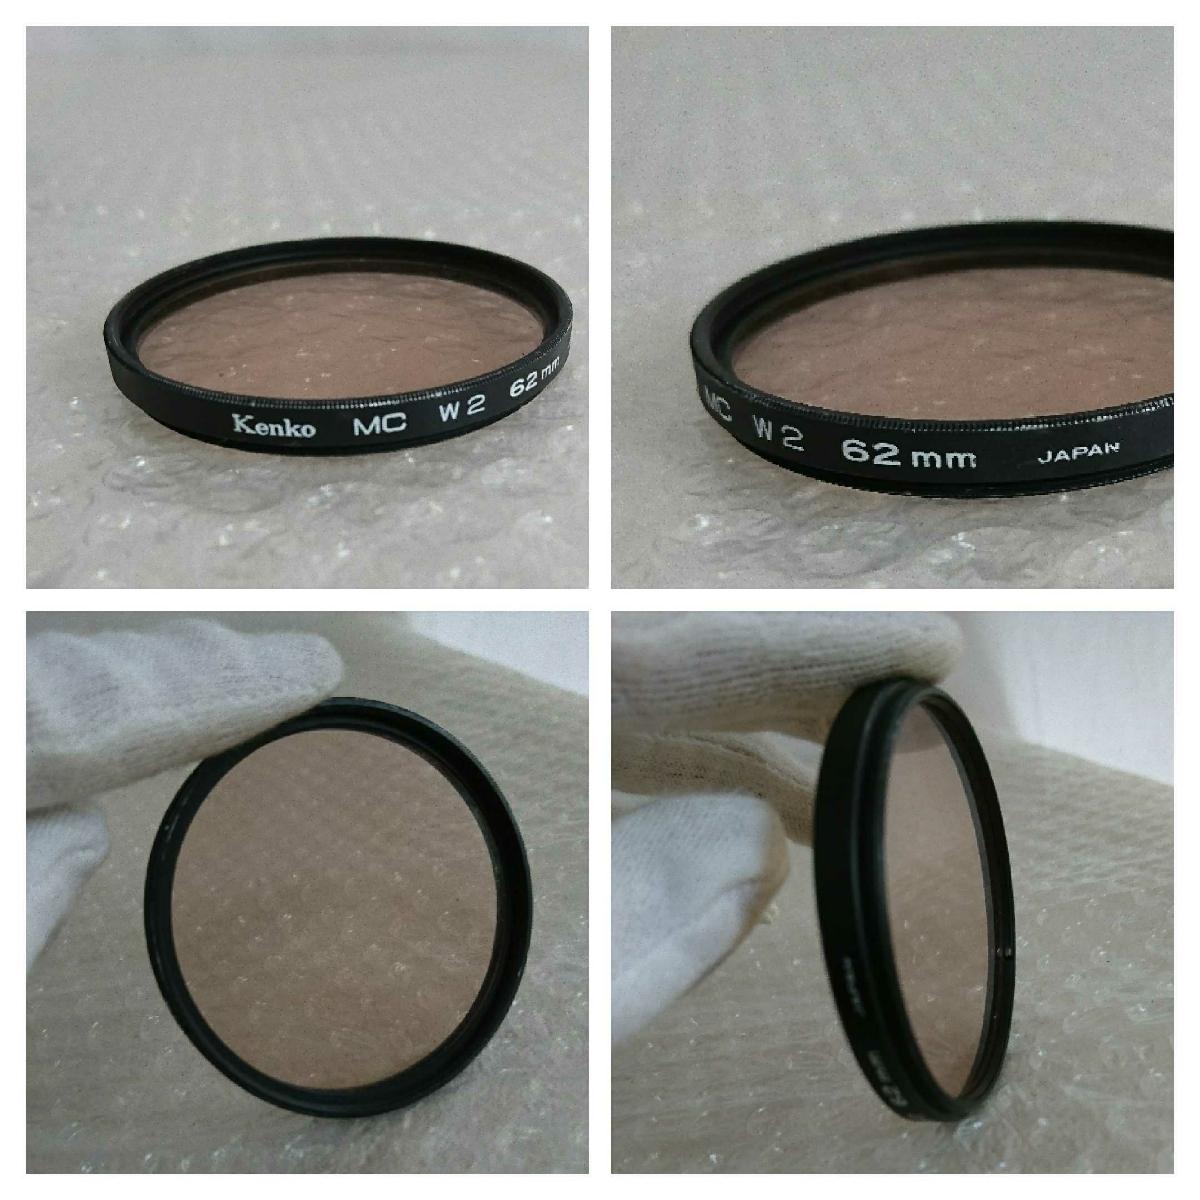 ZENZA BRONICA ゼンザブロニカ ETRSi + レンズ ZENZANON MC 50mm 1:2.8 等 3本 + フィルムパック 2個 + フィルター セット まとめ まとめて_画像9